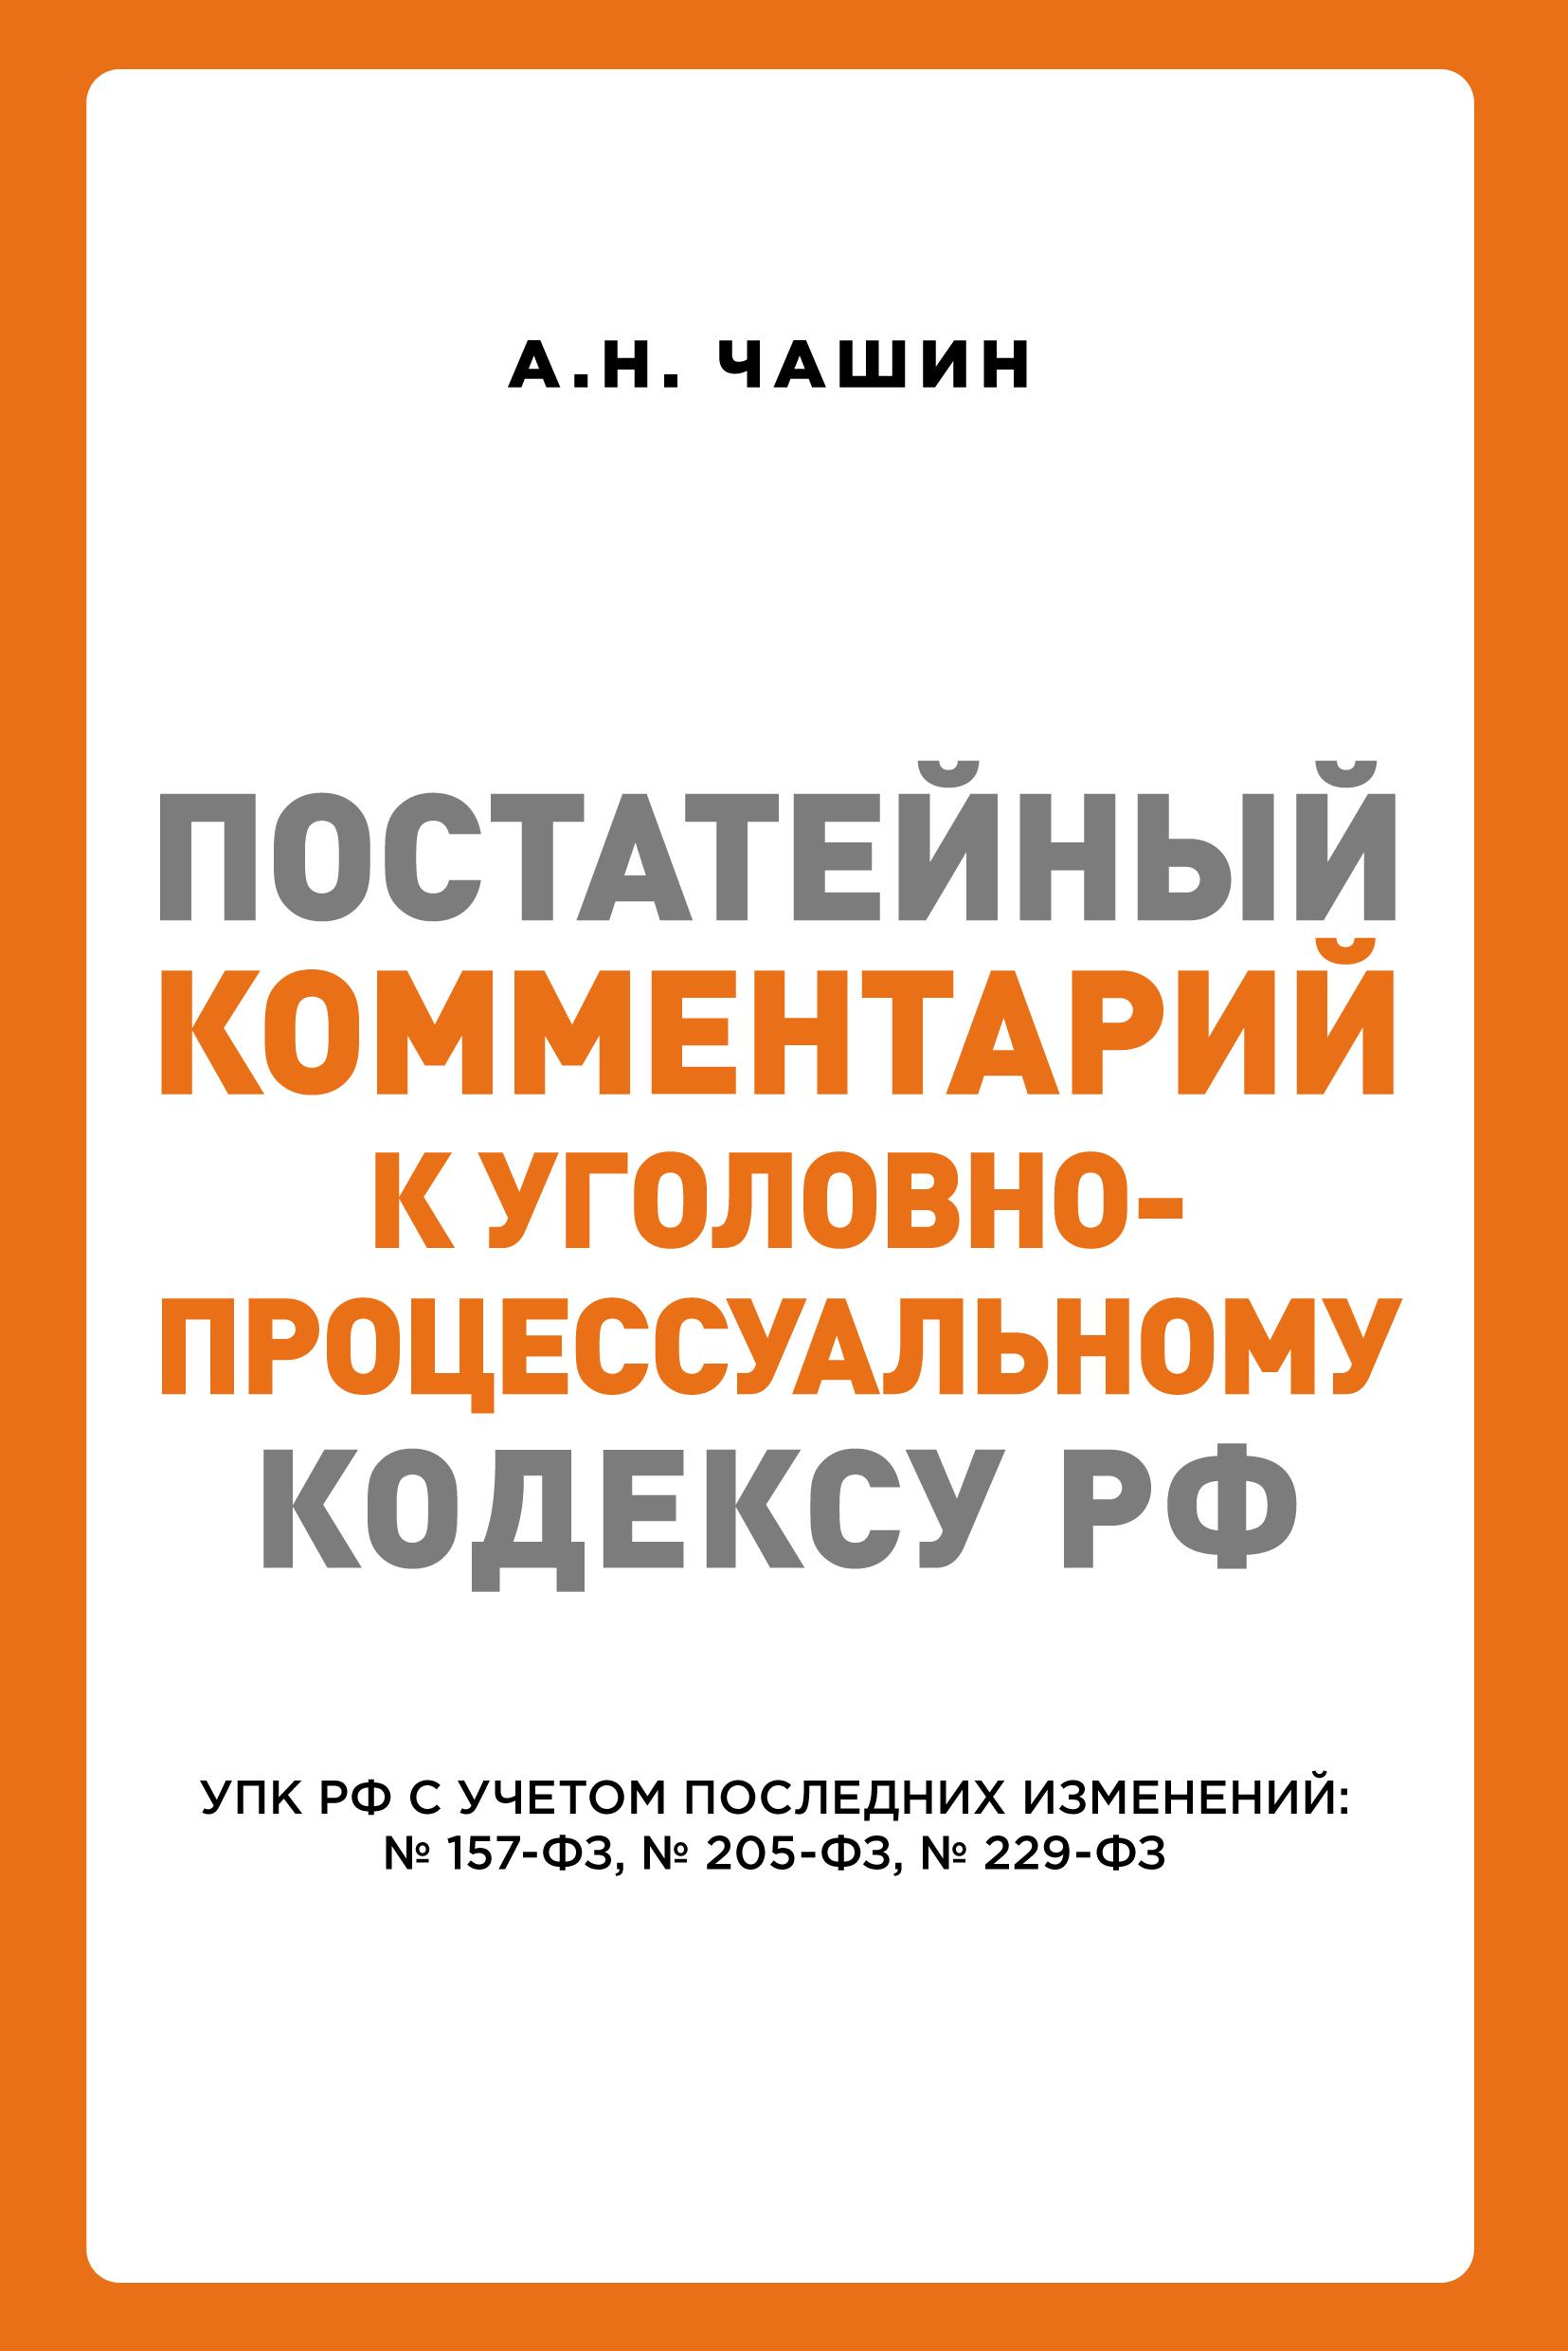 А. Н. Чашин Постатейный комментарий к Уголовно-процессуальному кодексу РФ цена